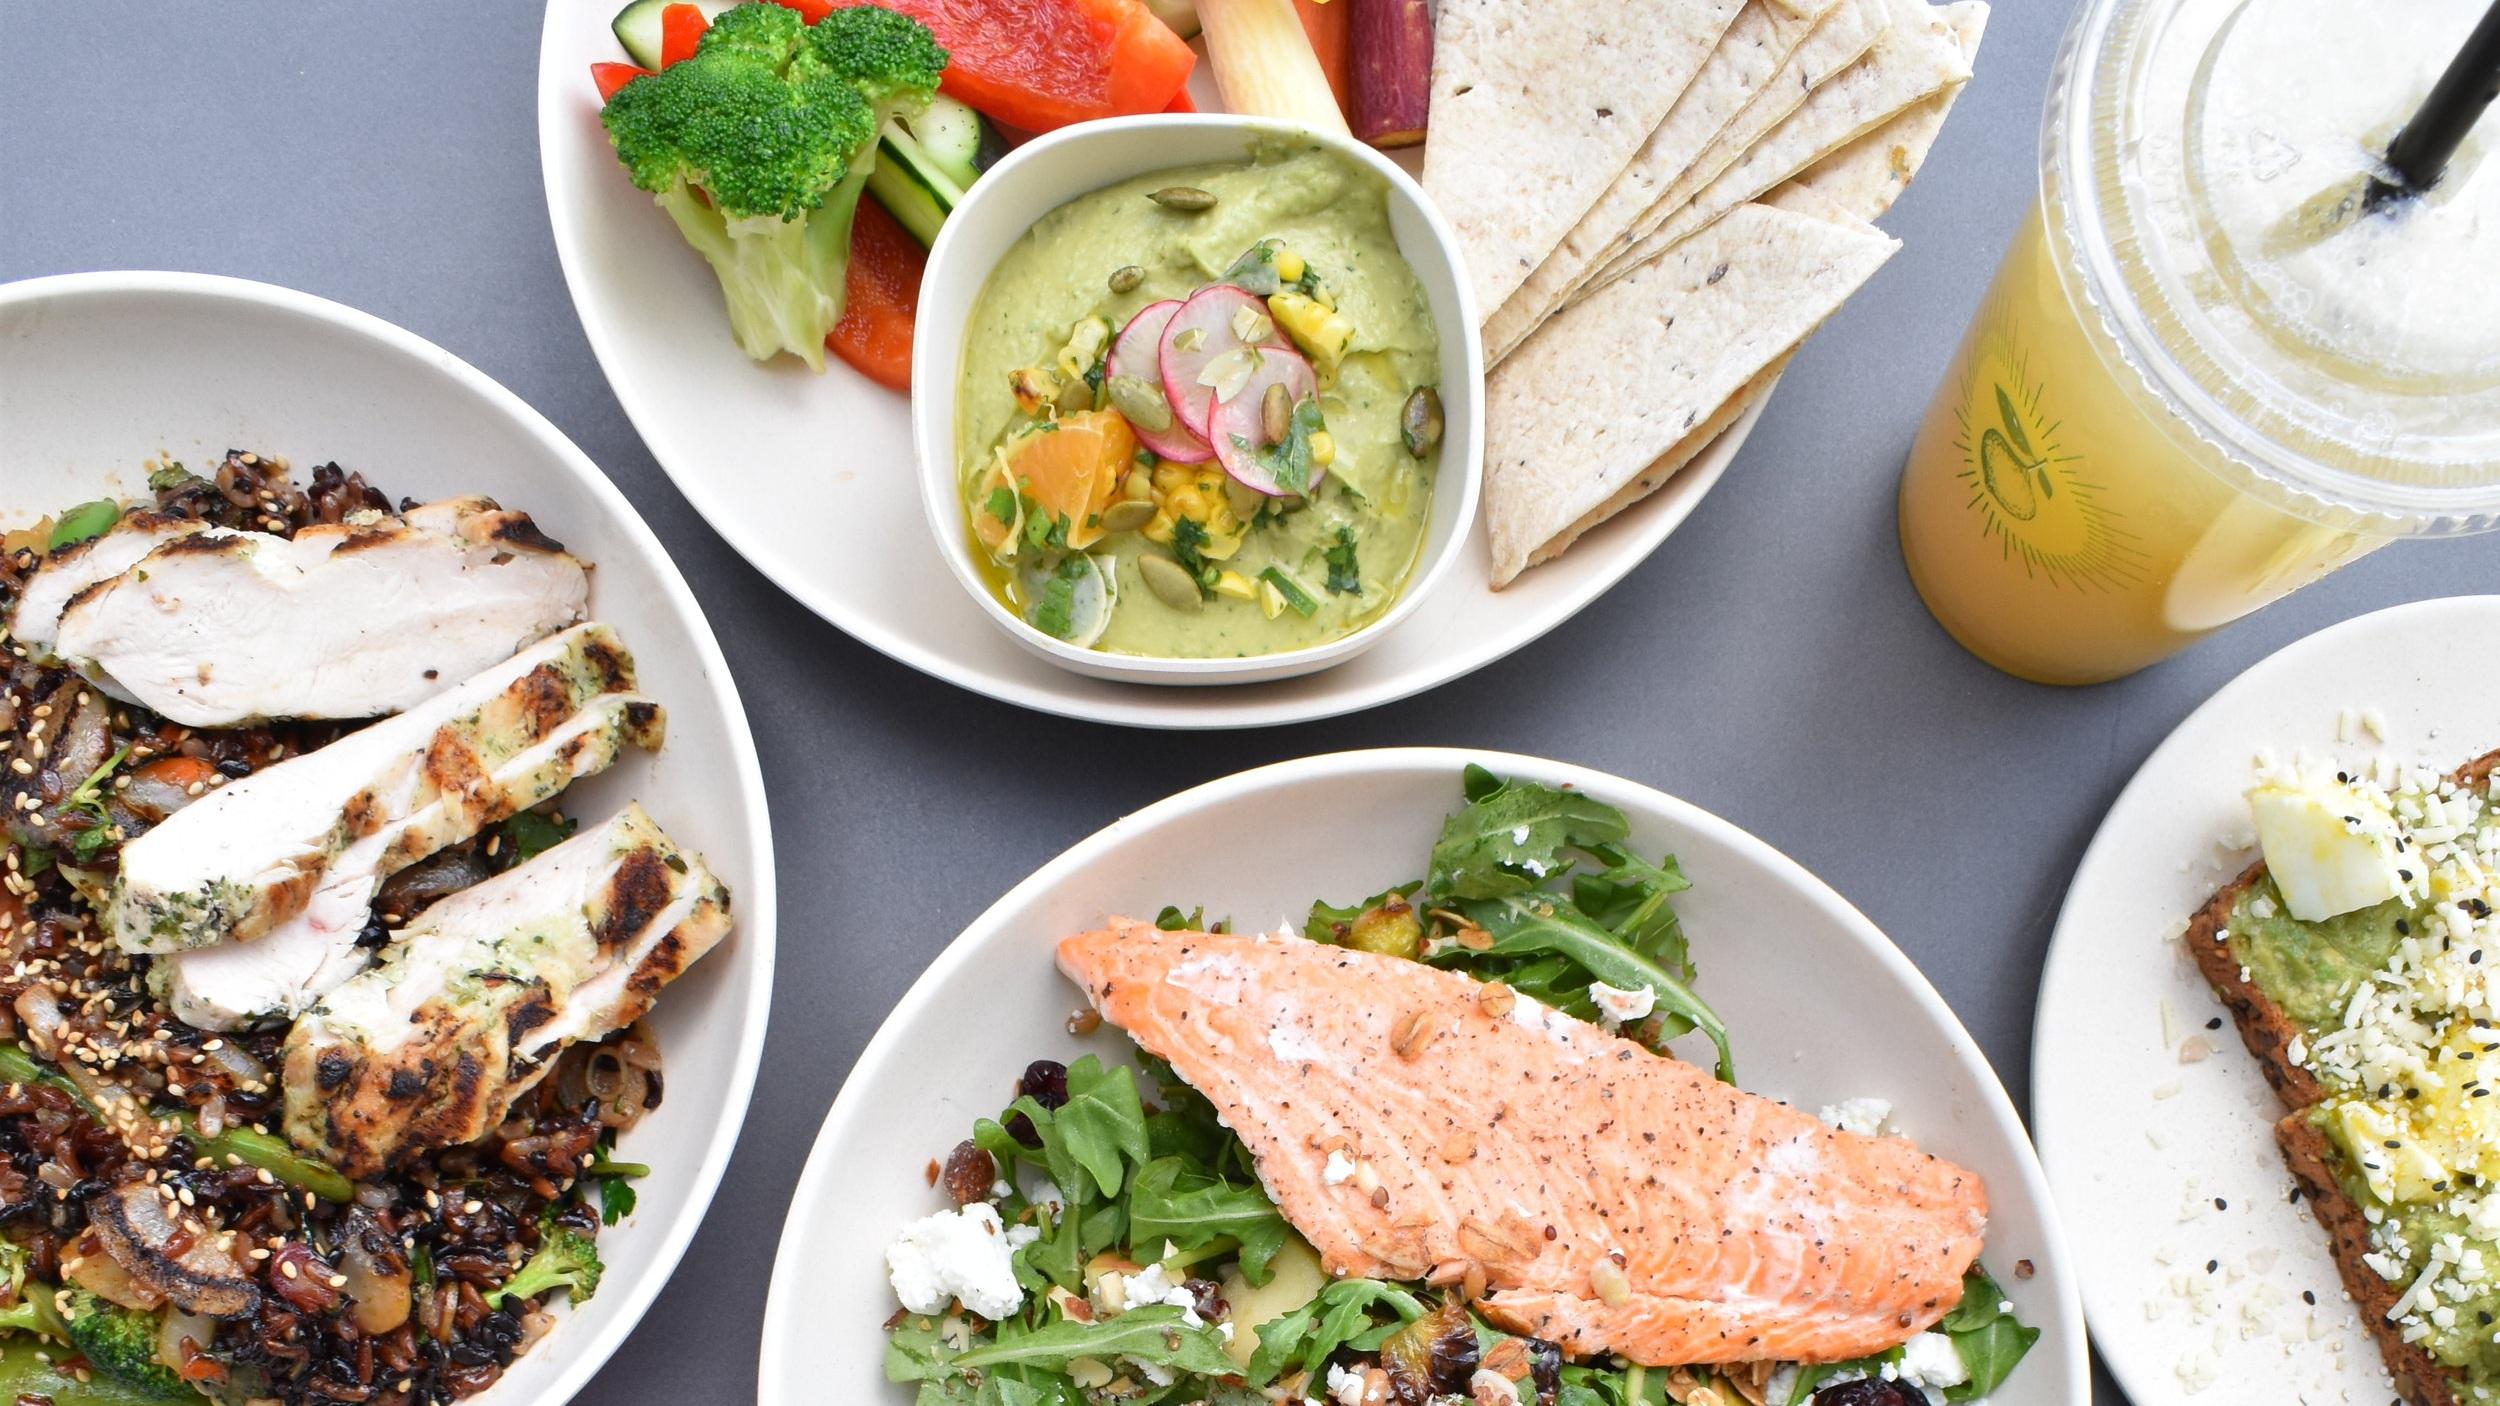 1) Individueller Ernährungsplan. - Der speziell für dich erstellte Ernährungsplan enthält verschiedene Lebensmittel und Mahlzeiten, die dir helfen sollen dein Ziel zu erreichen.